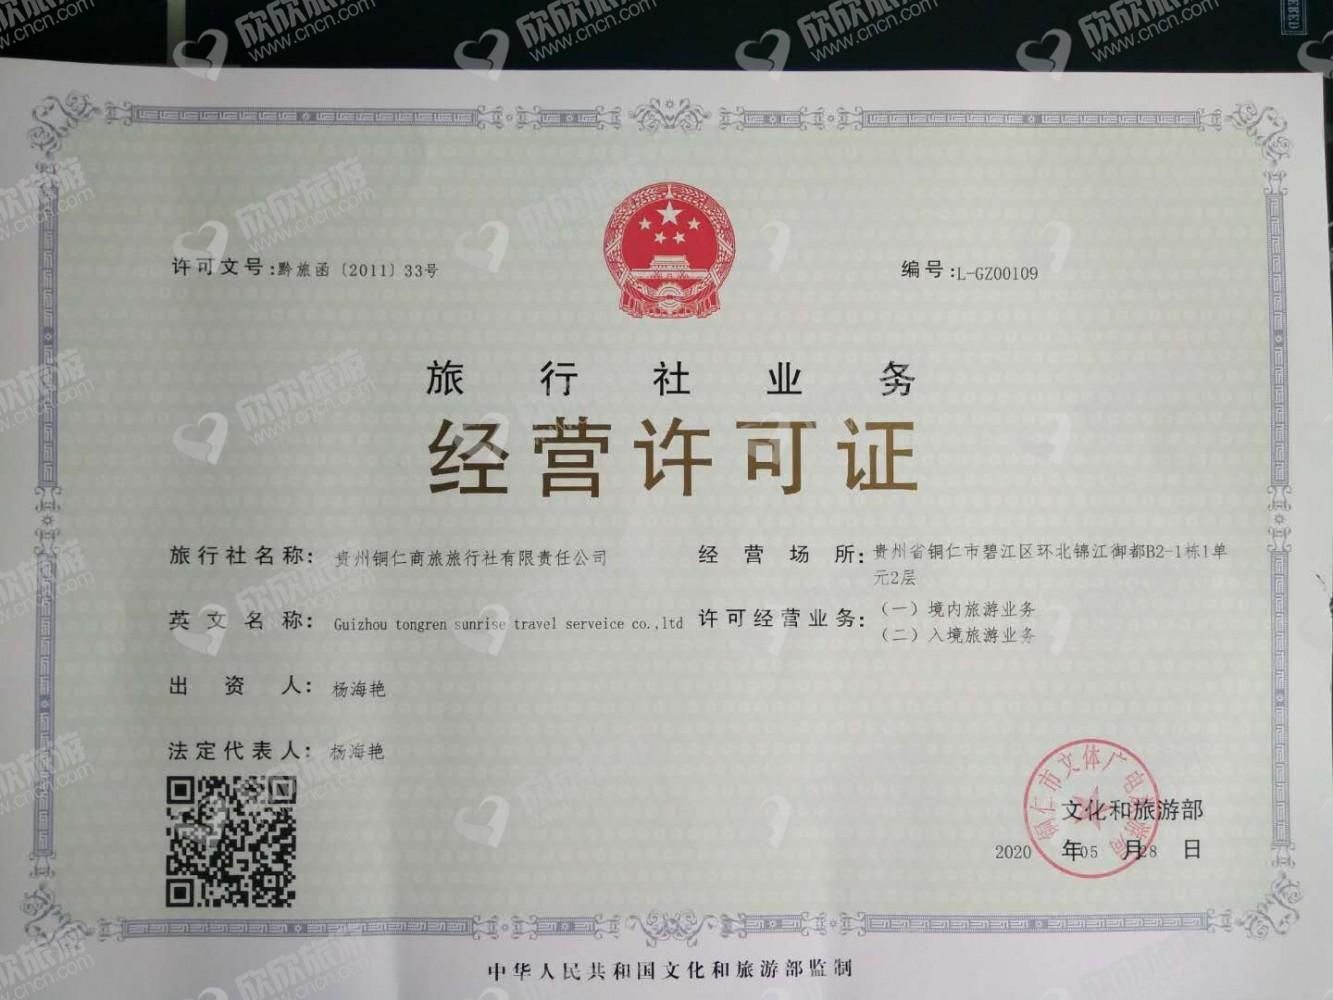 贵州铜仁商旅旅行社有限责任公司经营许可证